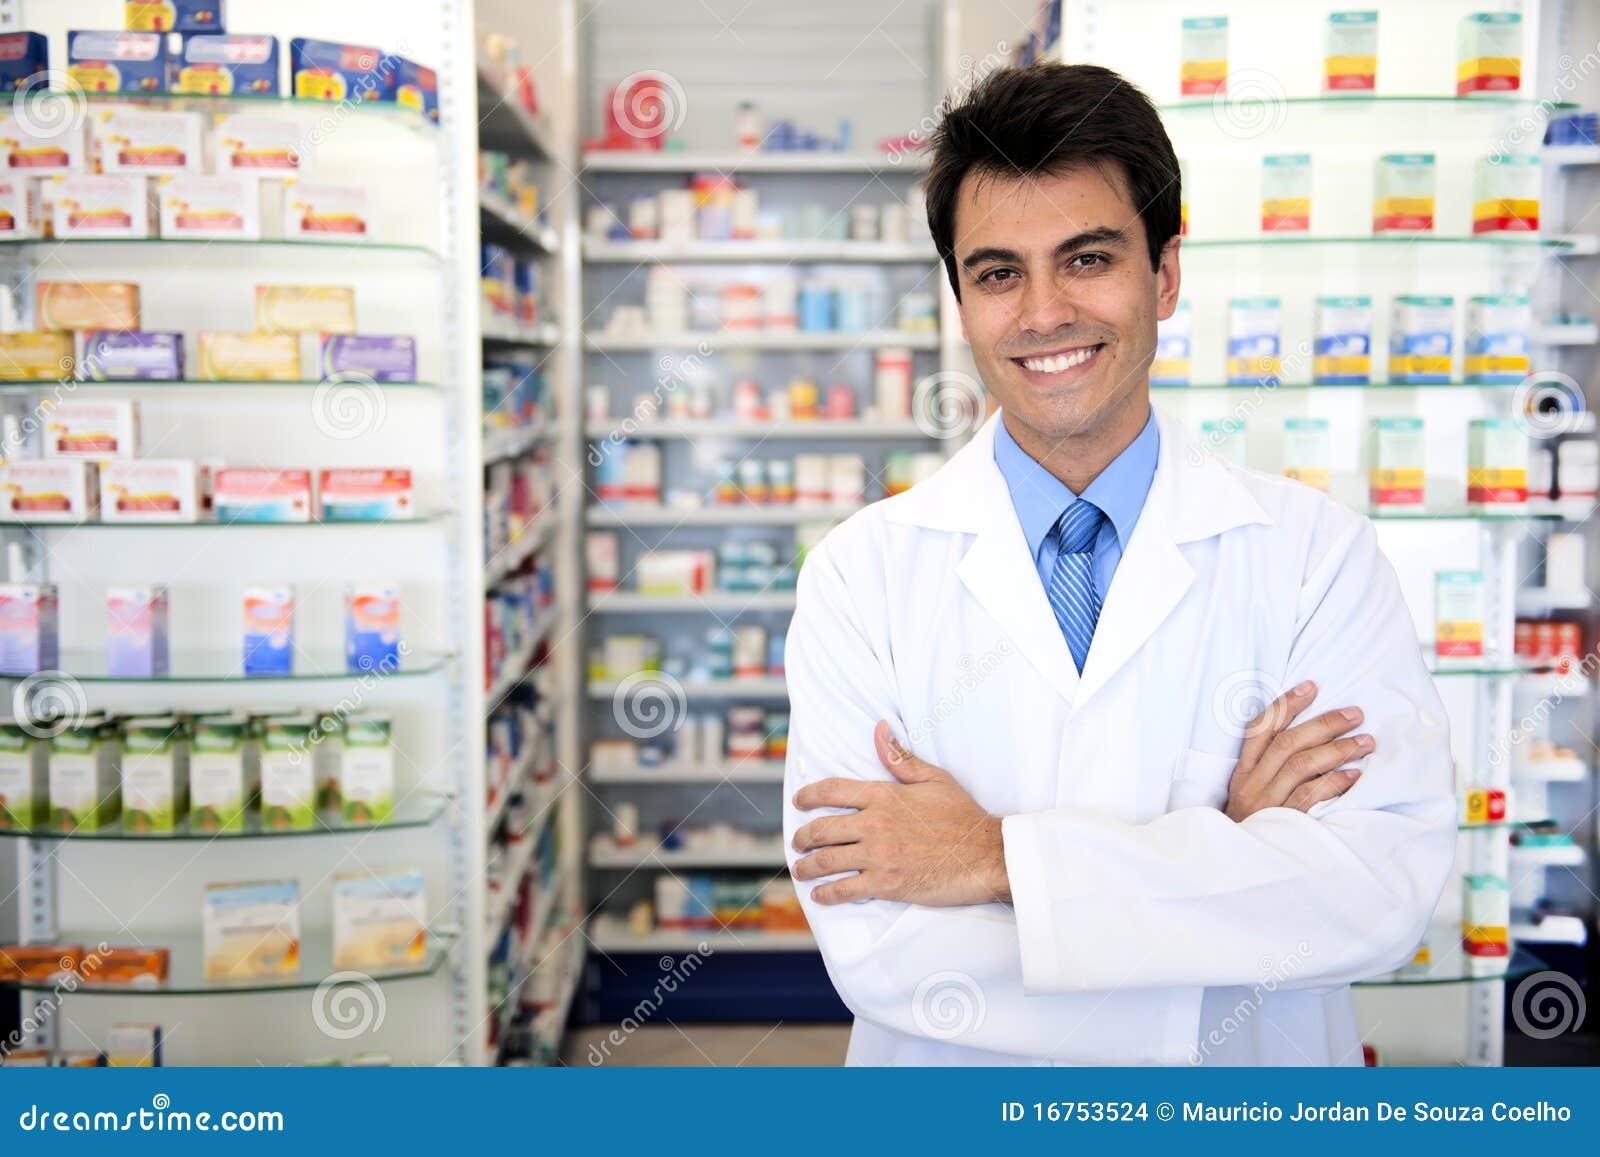 Retrato de un farmacéutico de sexo masculino en la farmacia